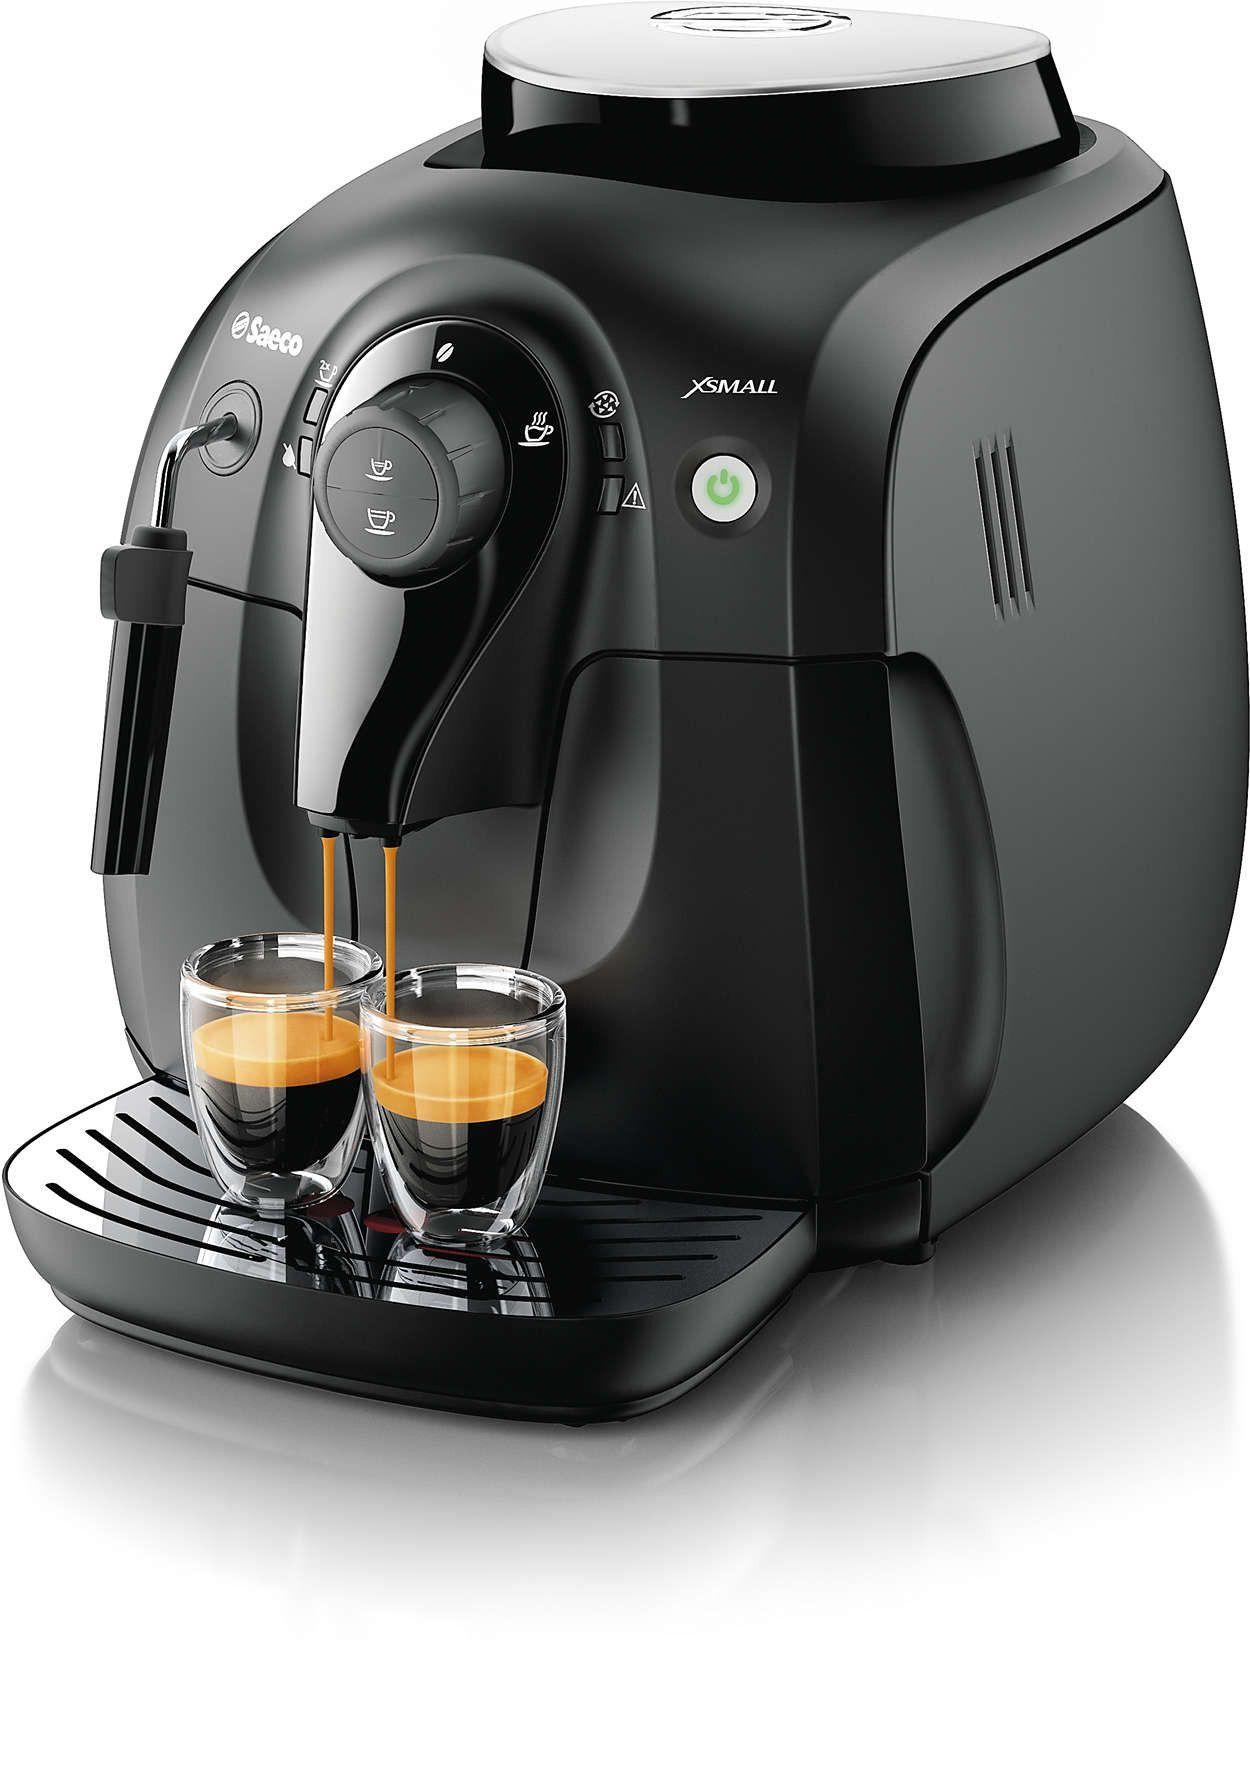 Saeco Vapore Super Automatic Automatic Espresso Machine Coffee